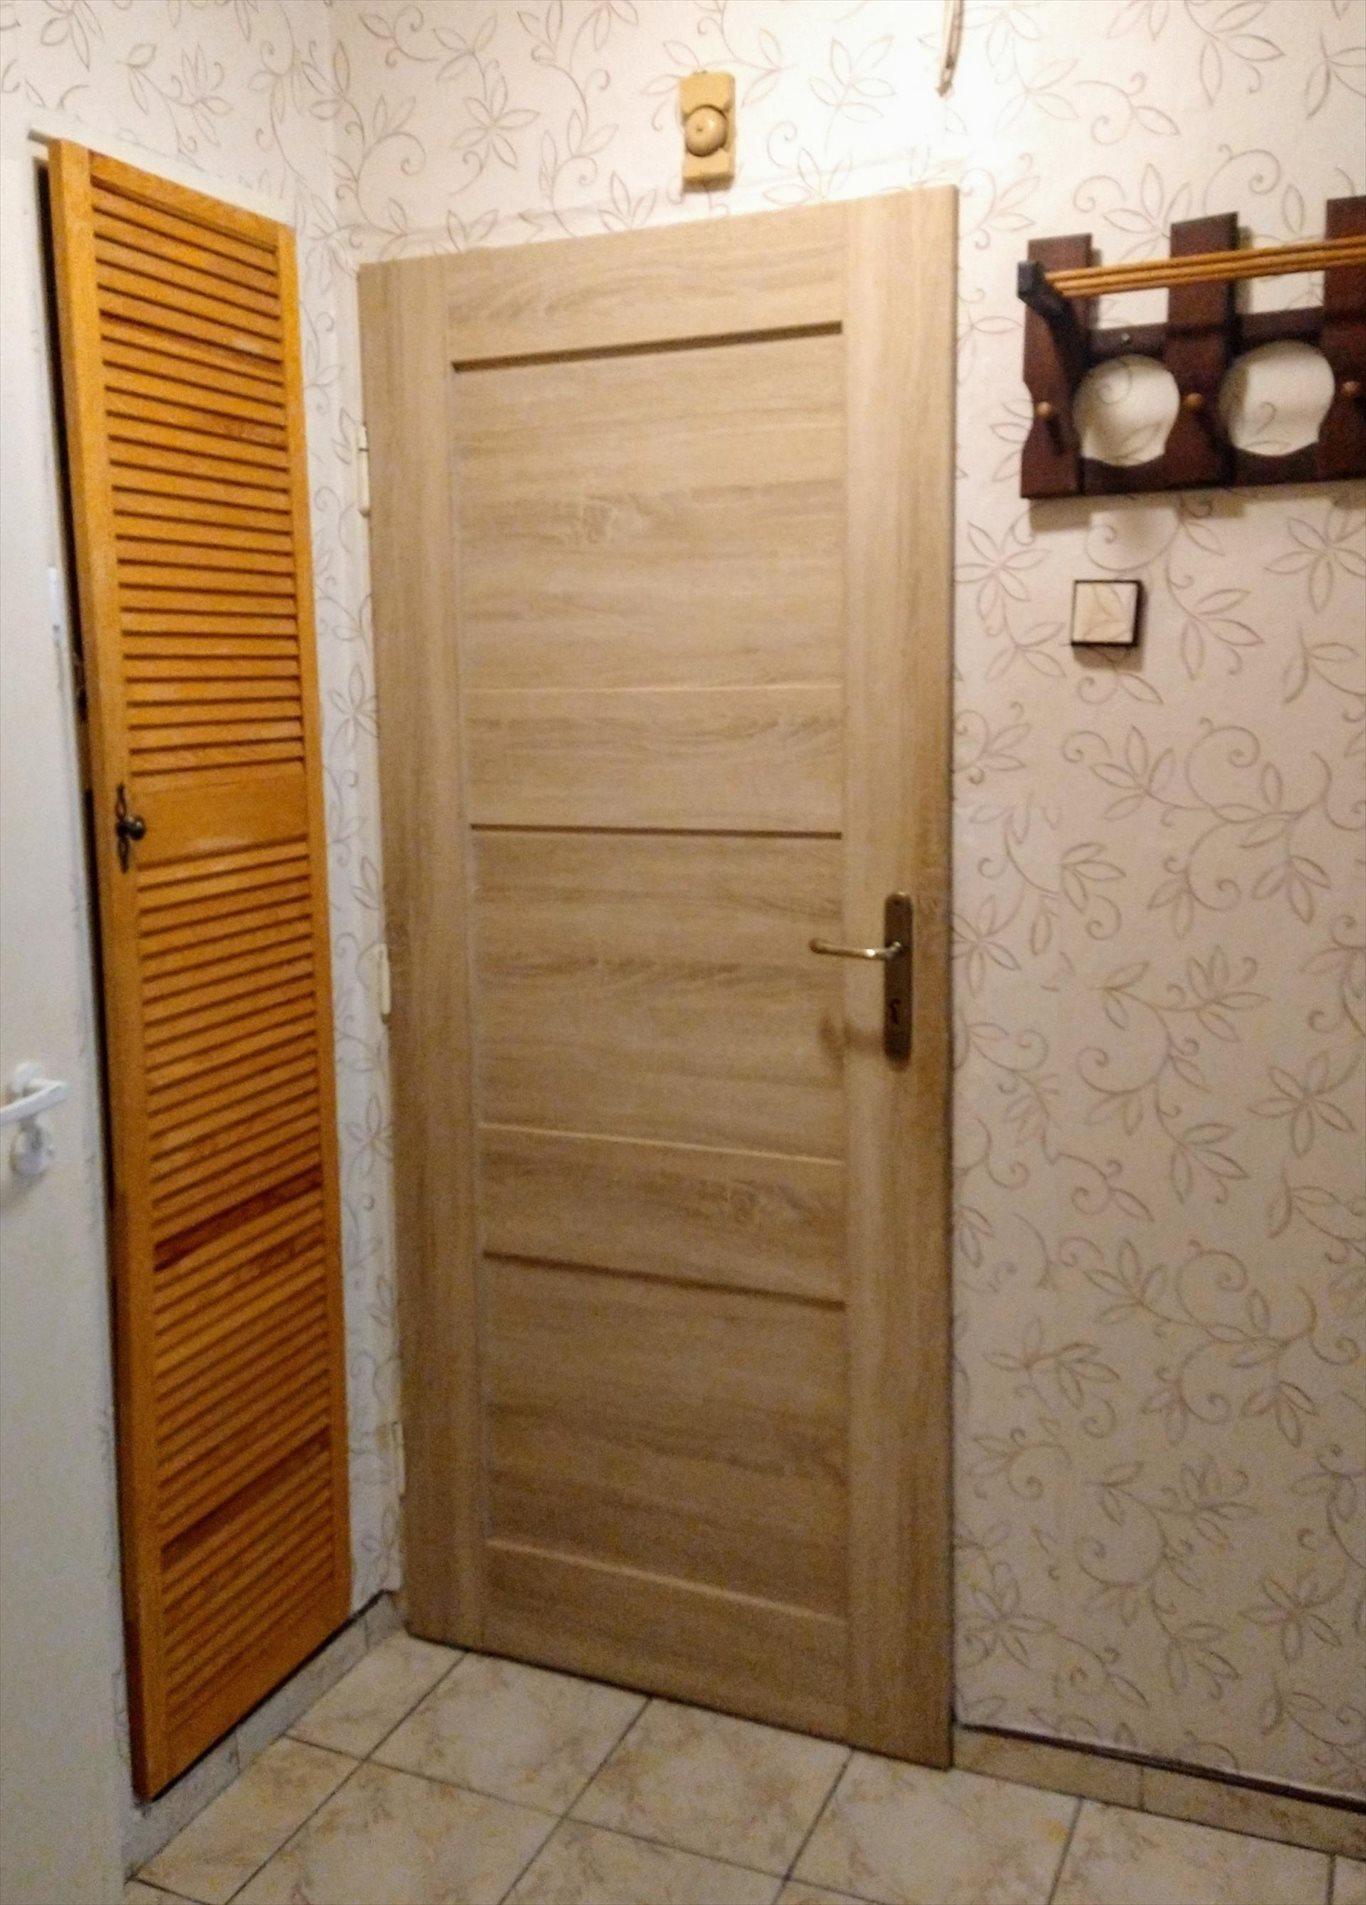 Mieszkanie dwupokojowe na wynajem Wrocław, Wrocław-Śródmieście, Wrocław-Śródmieście, Wojciecha Gersona  38m2 Foto 8